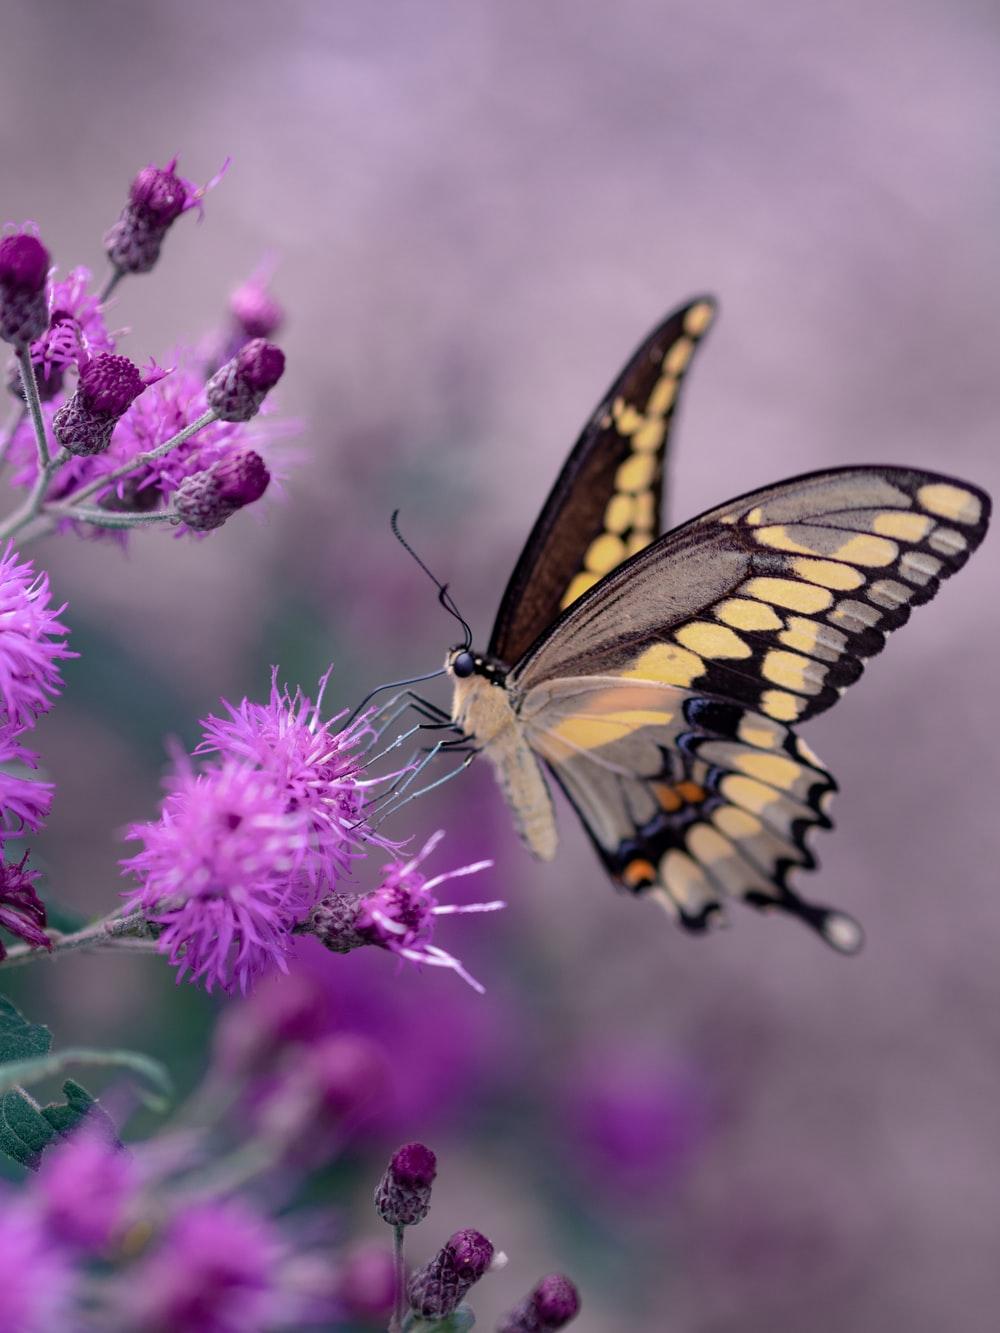 Bé bướm màu trầm rất xinh đẹp